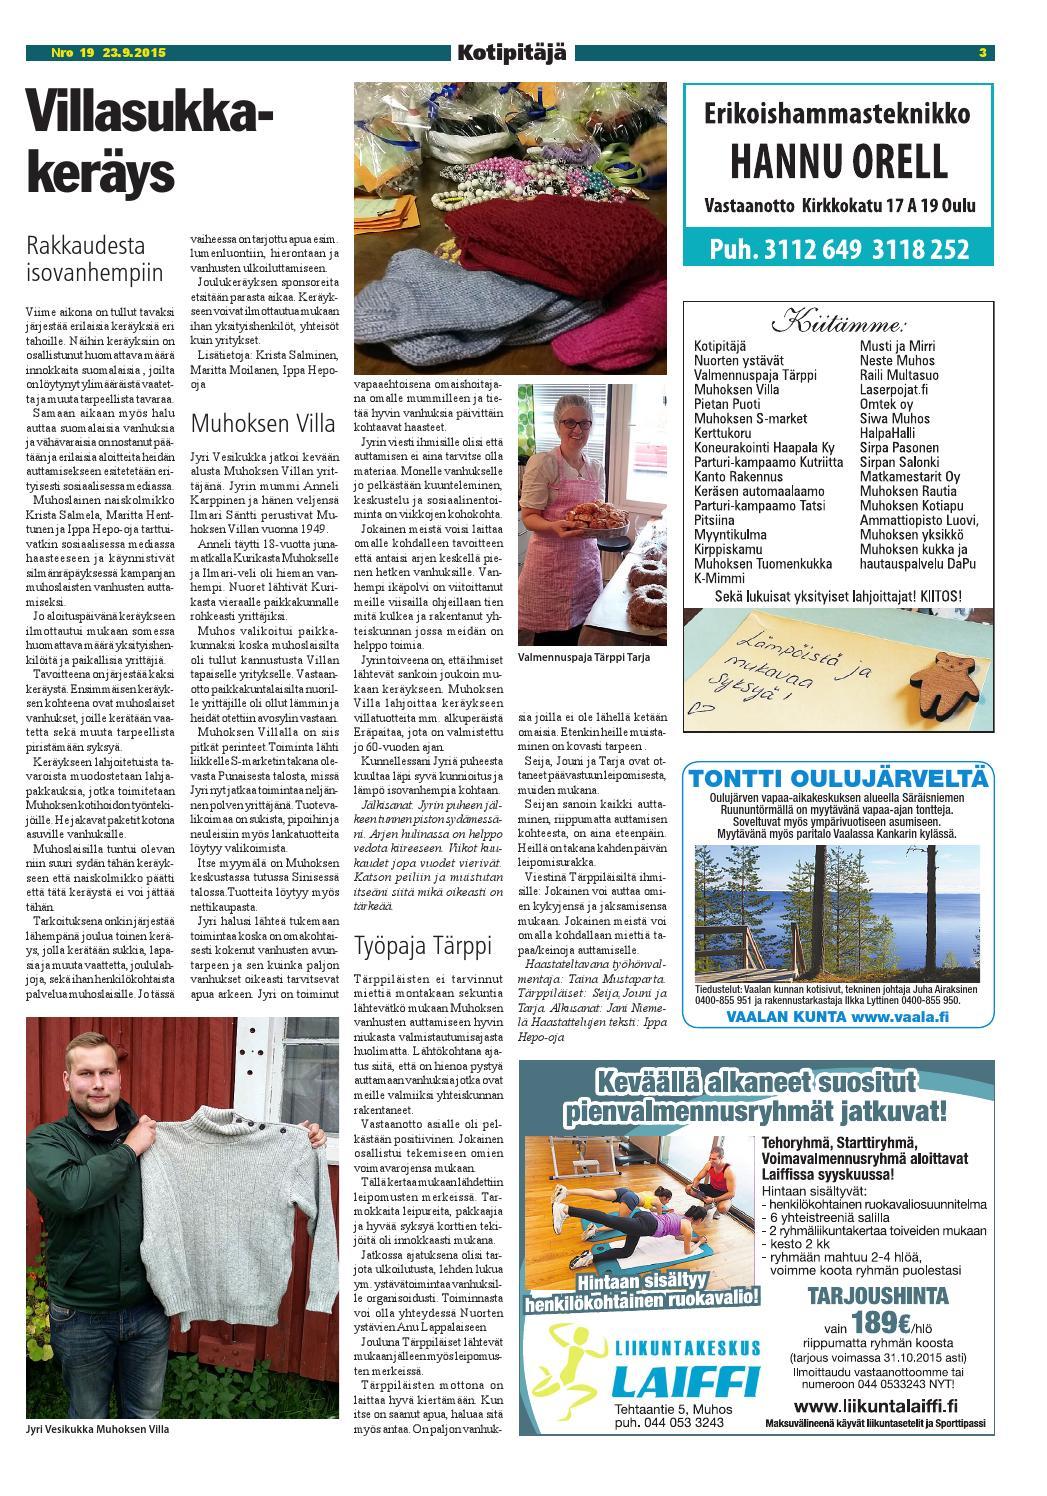 Suomen hyönteislahkojen tunnistusopas johdattaa hyönteisten pariin